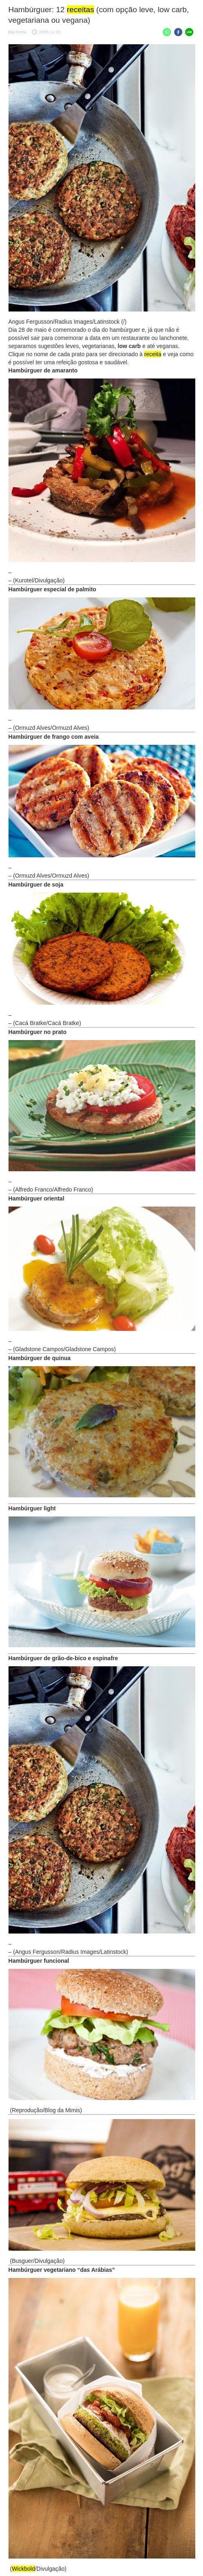 Hambúrguer: 12 receitas (com opção leve, low carb, vegetariana ou vegana) - Central de Notícias